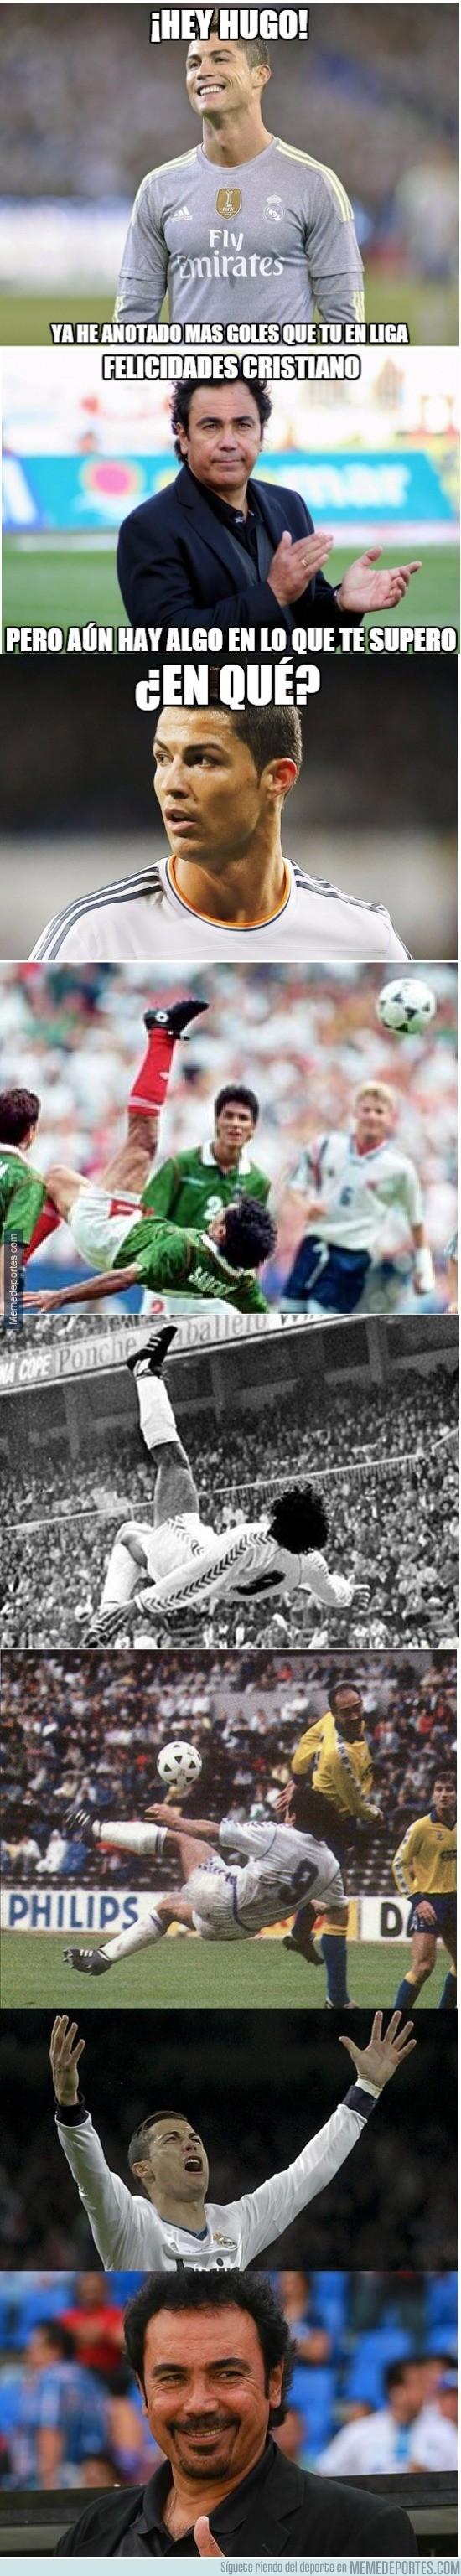 747226 - Hay algo en lo que Cristiano jamas superará a Hugo Sánchez